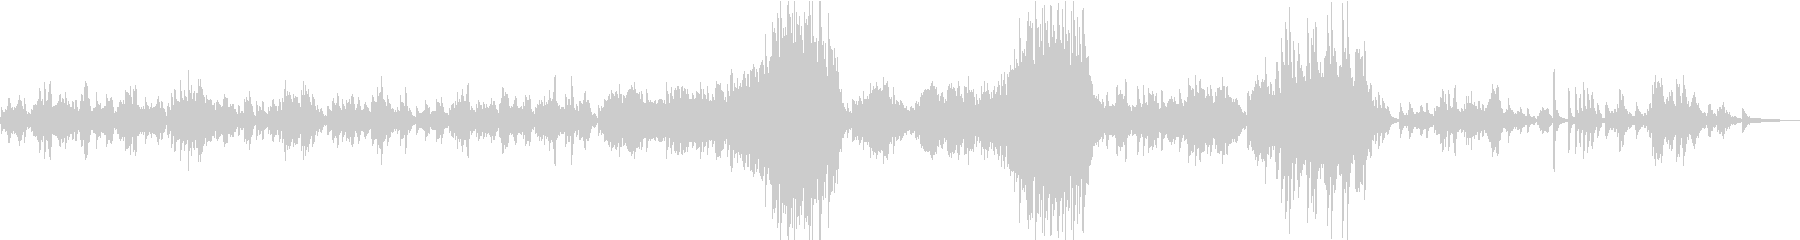 ショパン前奏曲第15番「雨だれ」の未再生の波形